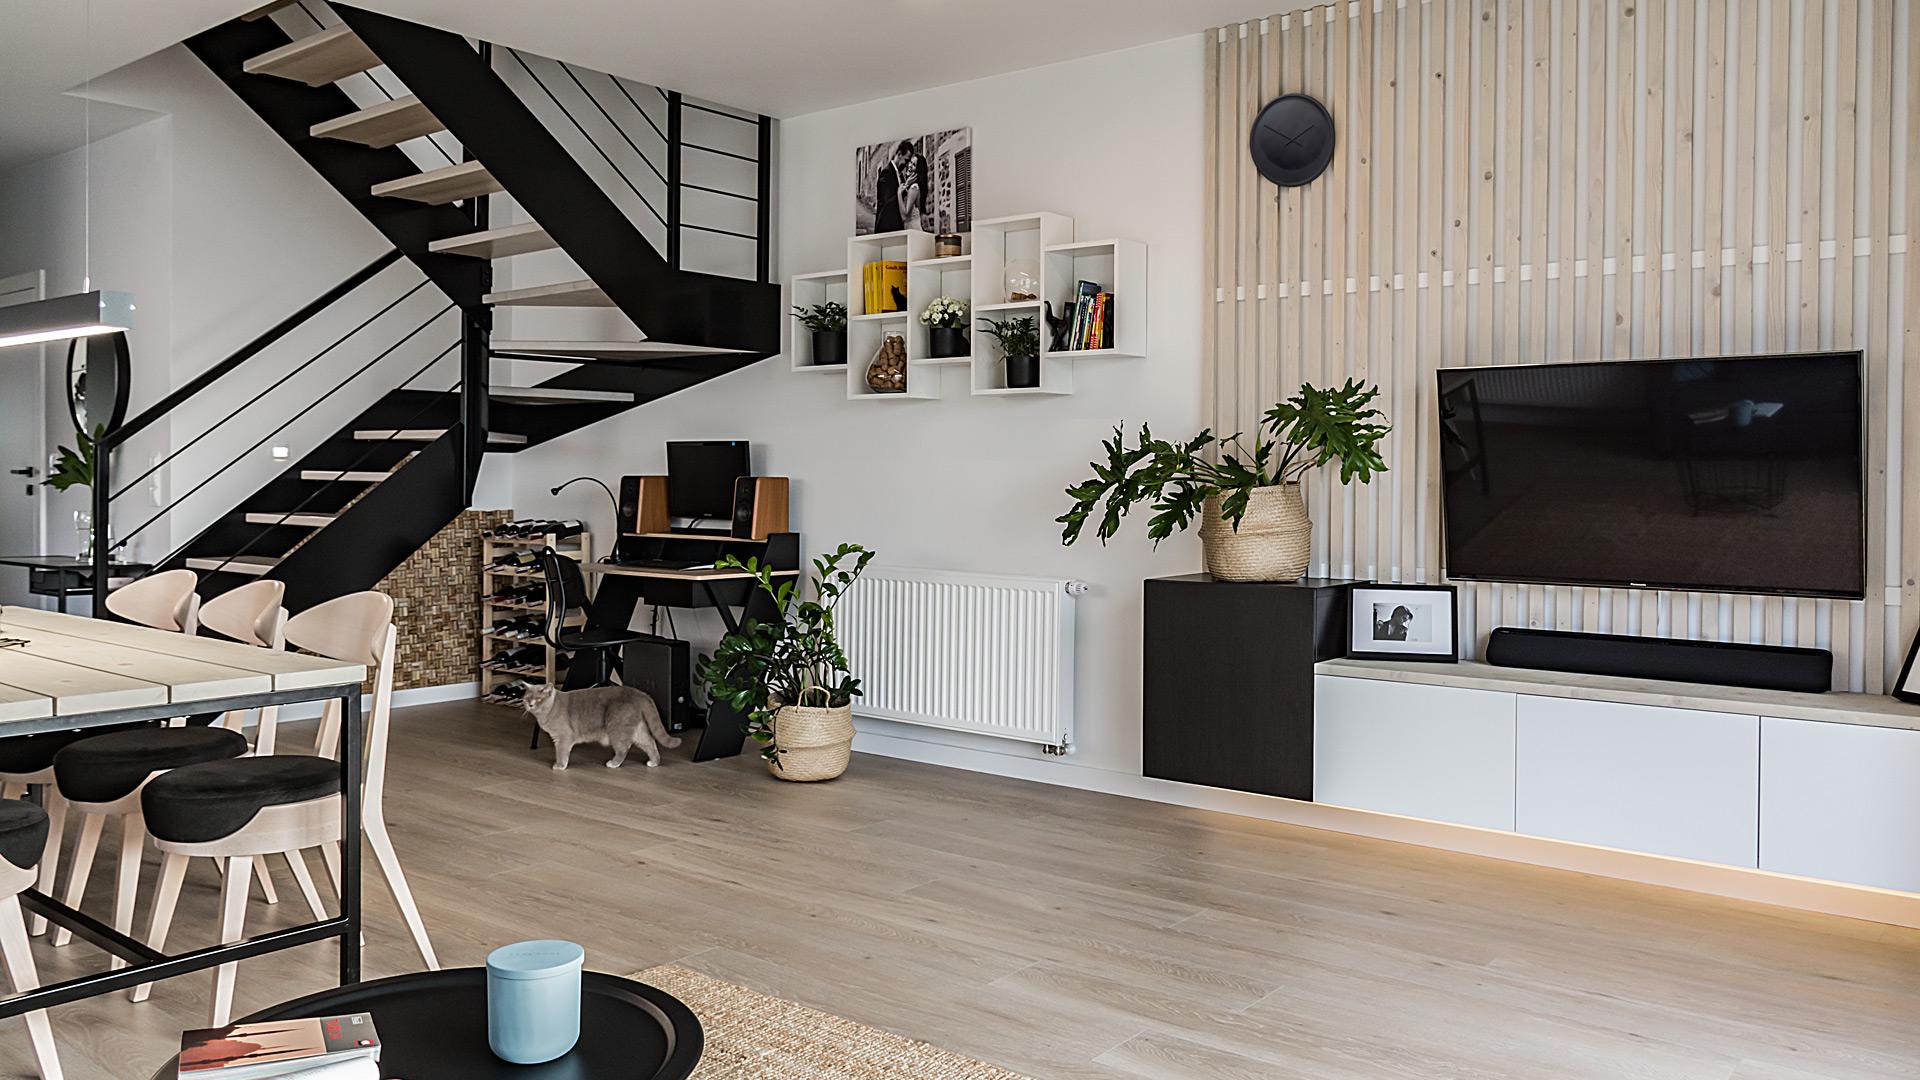 Parter zajmuje obszerny salon z dużym aneksem kuchennym, jadalnią i klatką schodową prowadzącą na piętro.